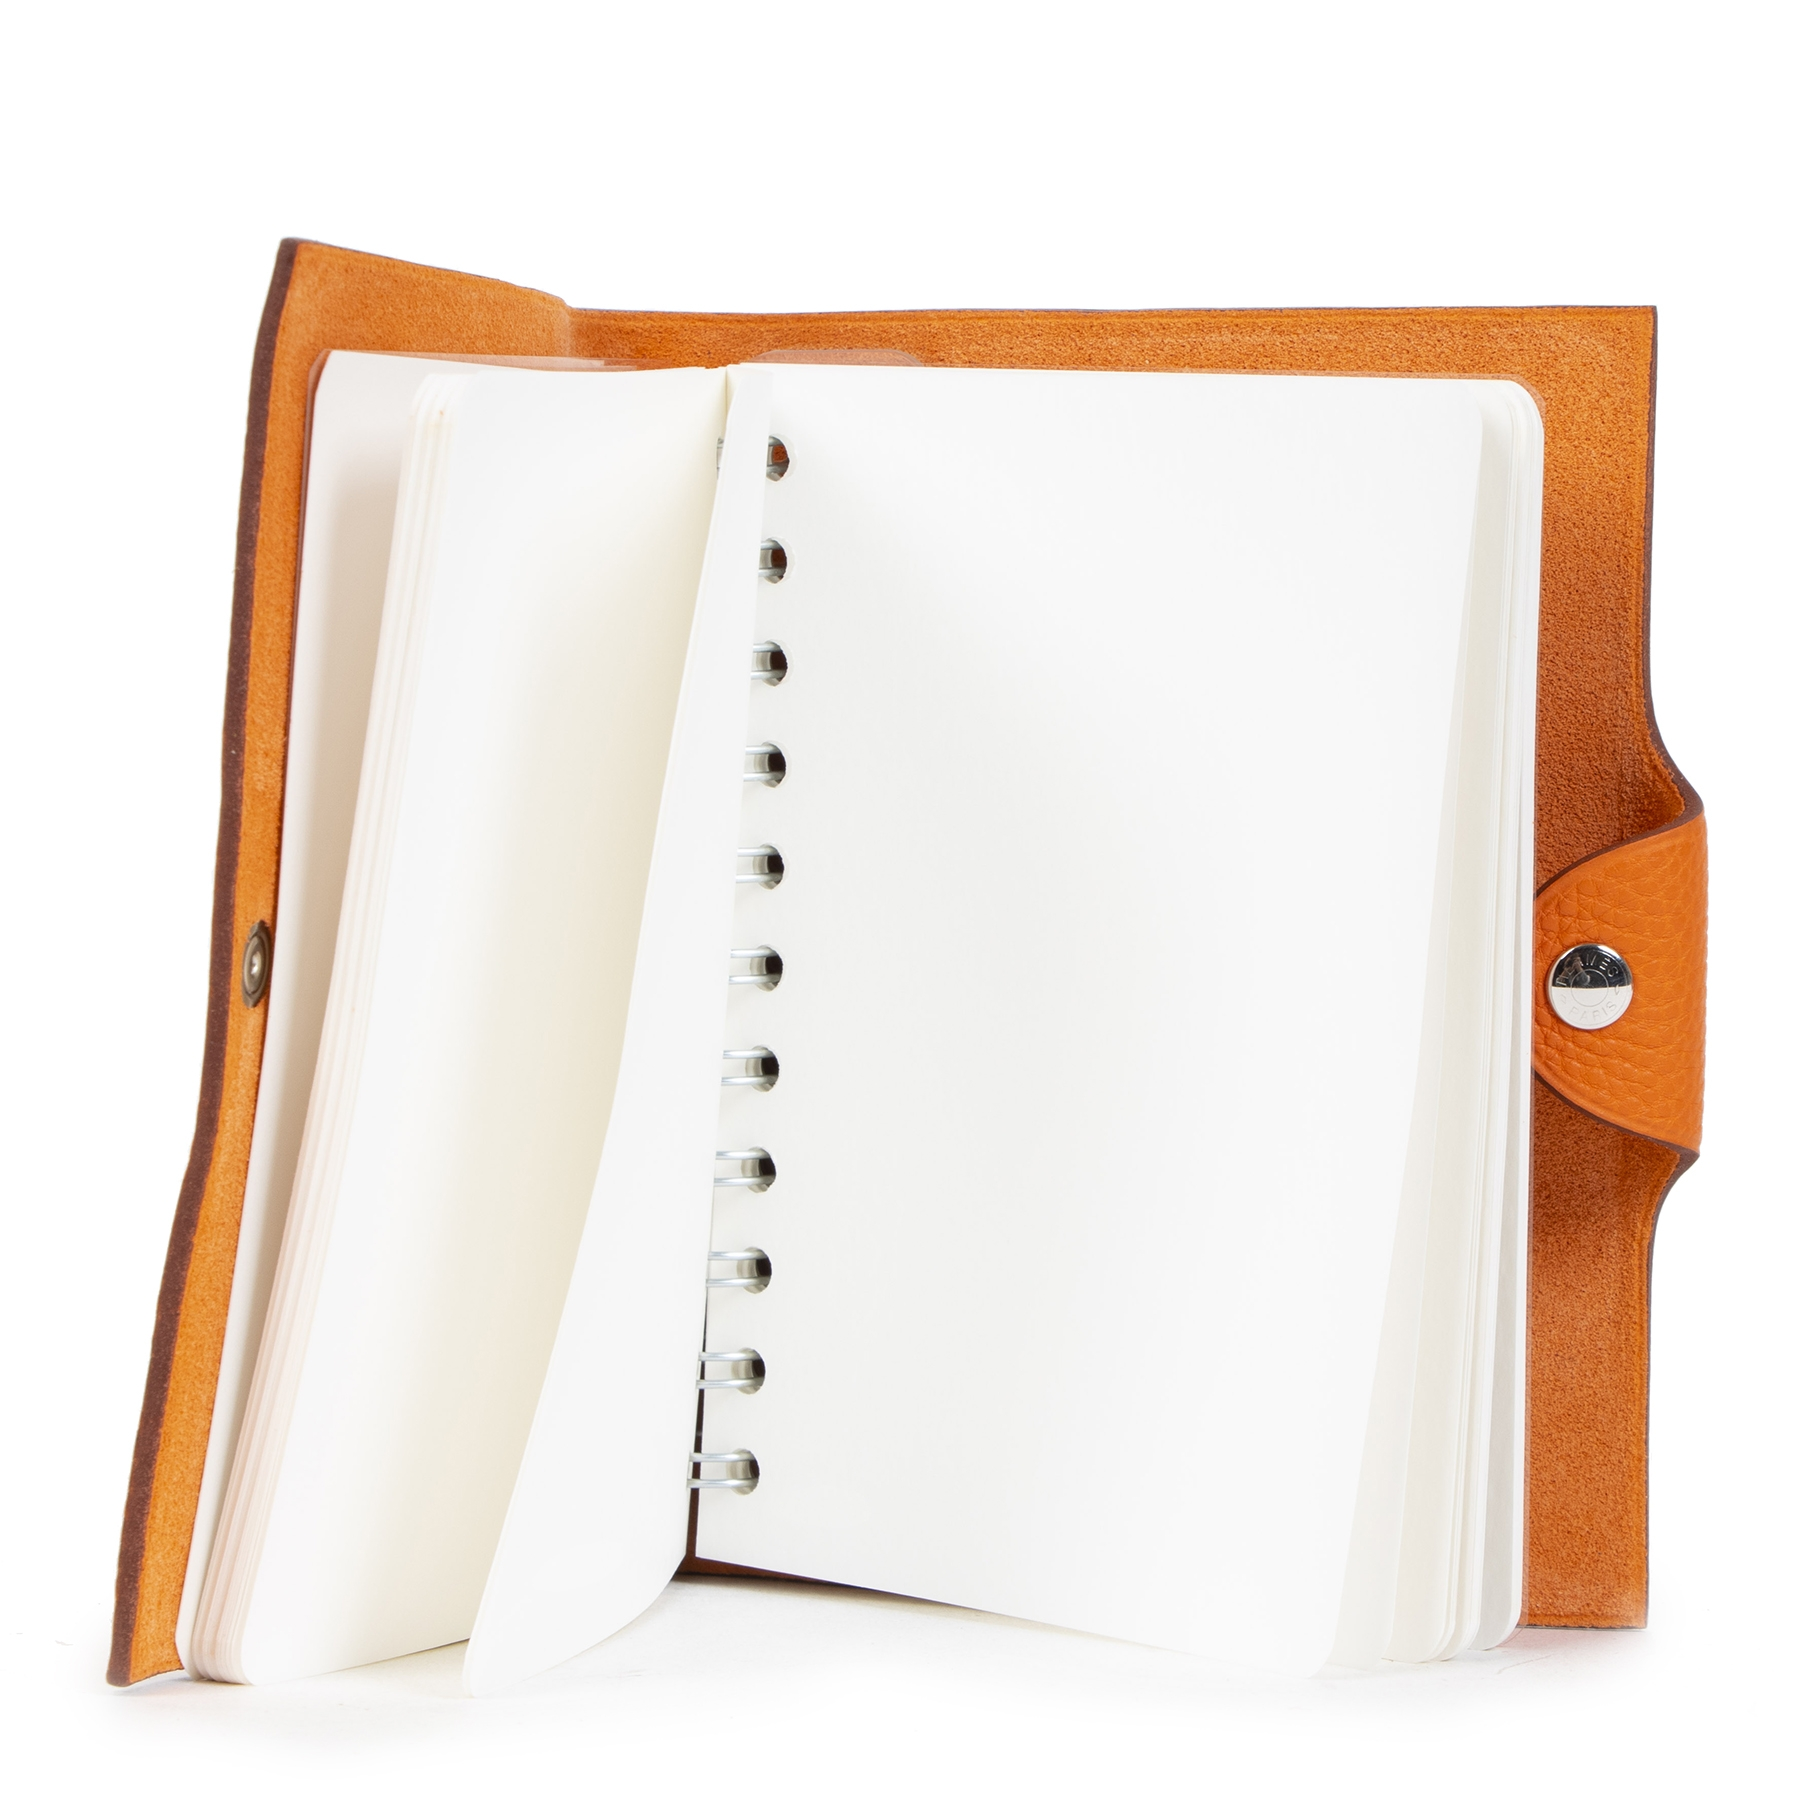 Authentieke Tweedehands Hermès Orange Togo Leather Notebook juiste prijs veilig online shoppen luxe merken webshop winkelen Antwerpen België mode fashion